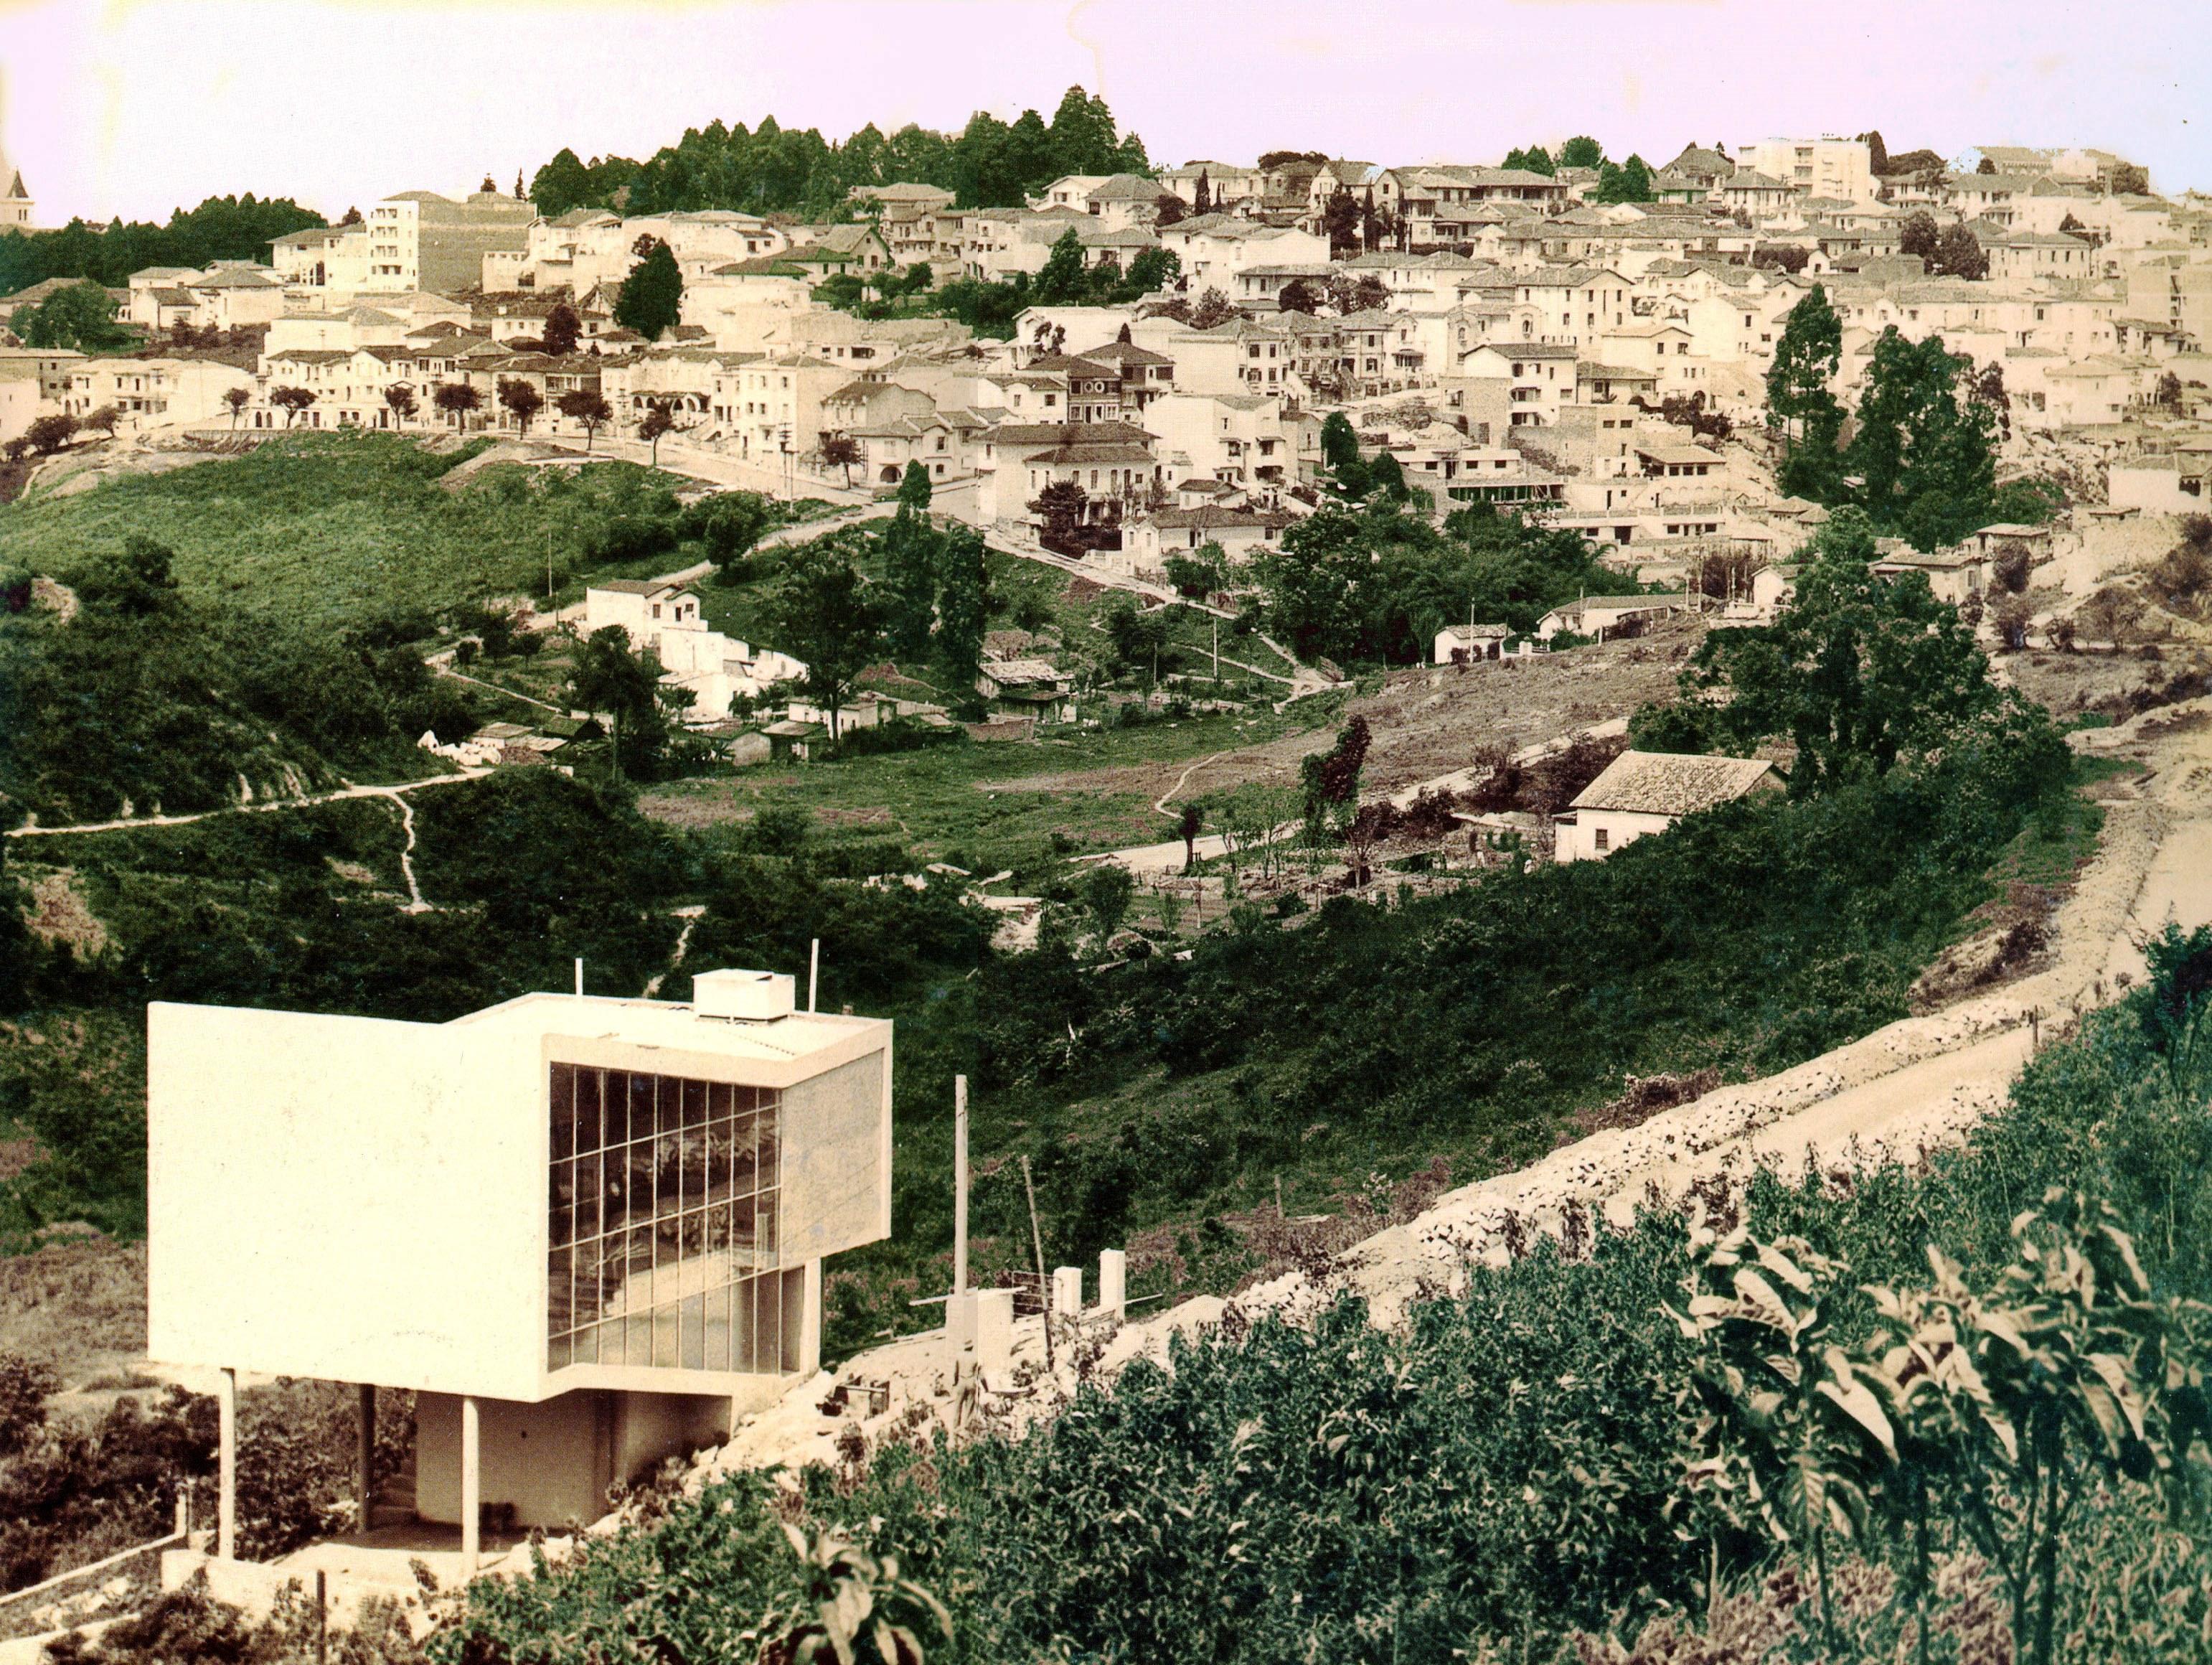 casa czapski_1949